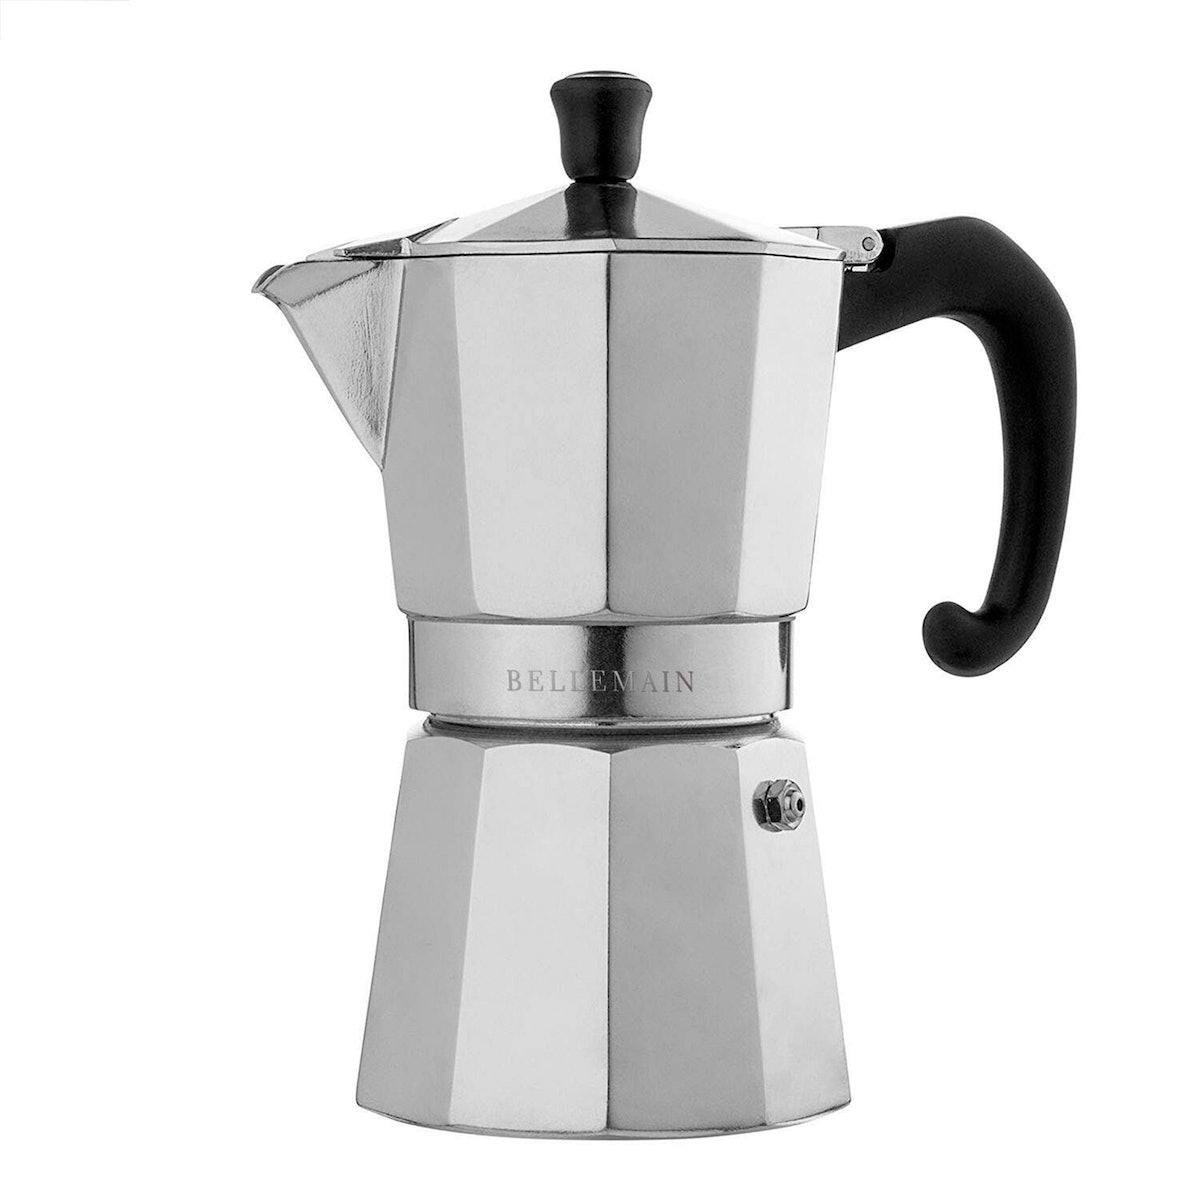 Bellemain Espresso Maker Moka Pot